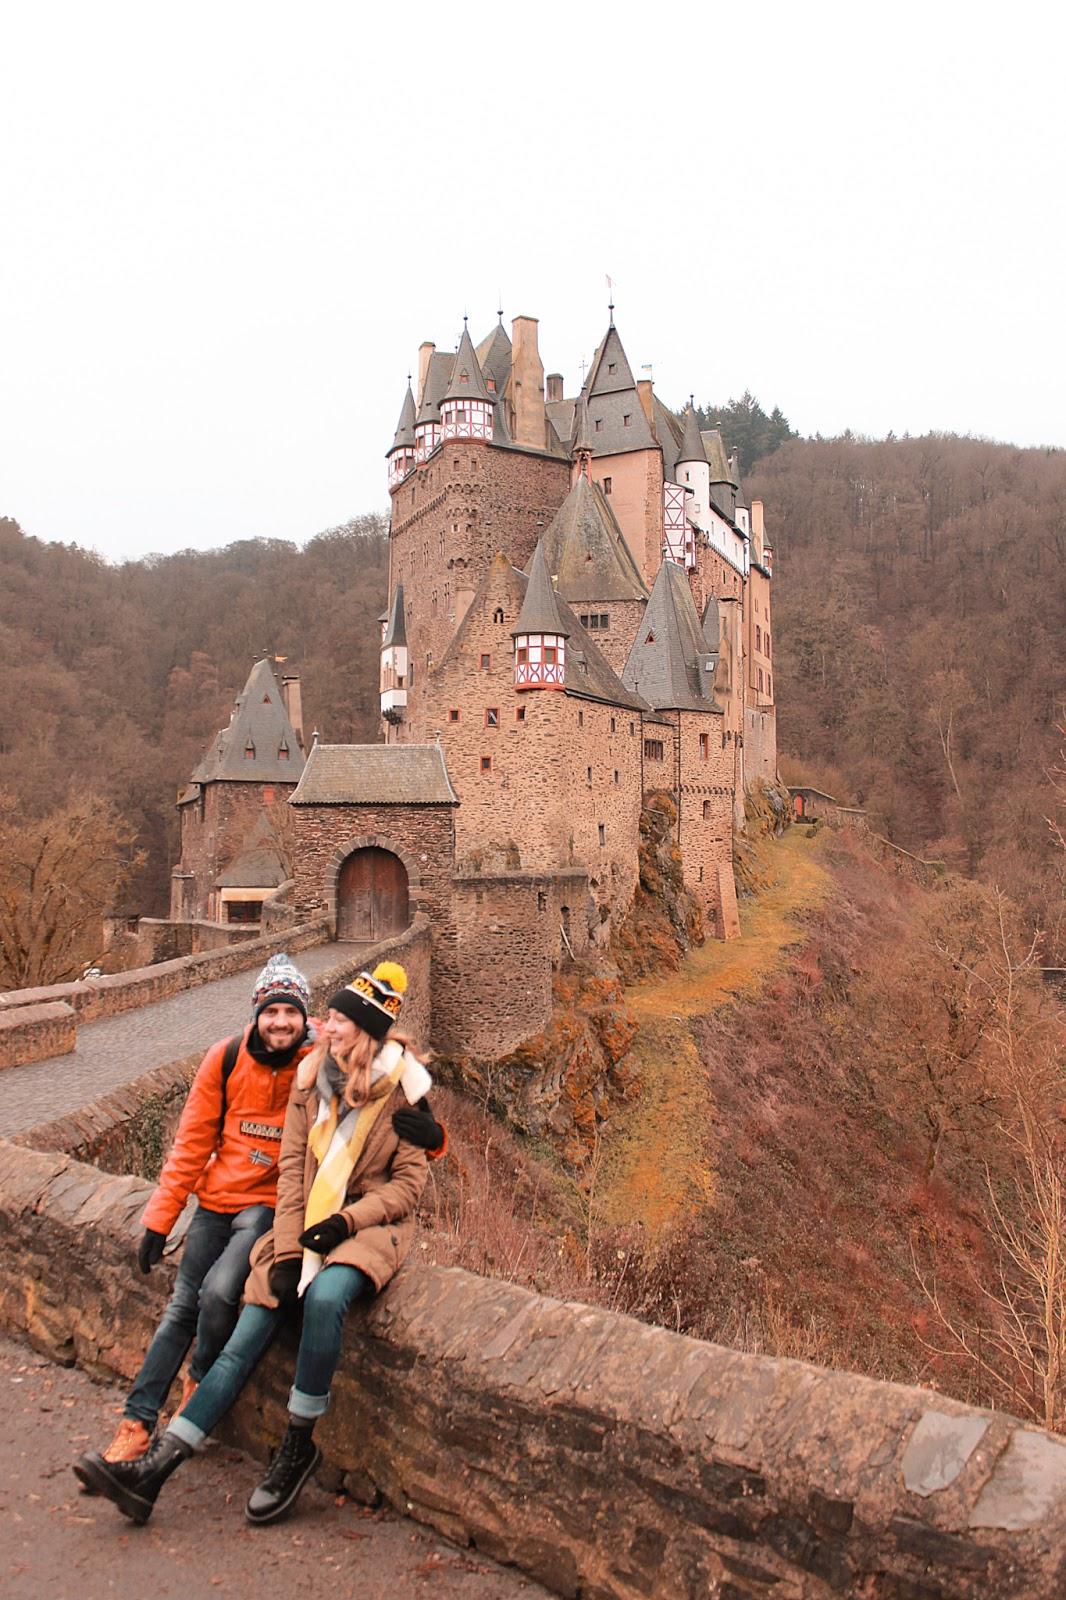 Burg-Eltz-un-castillo-alemán-de-cuento